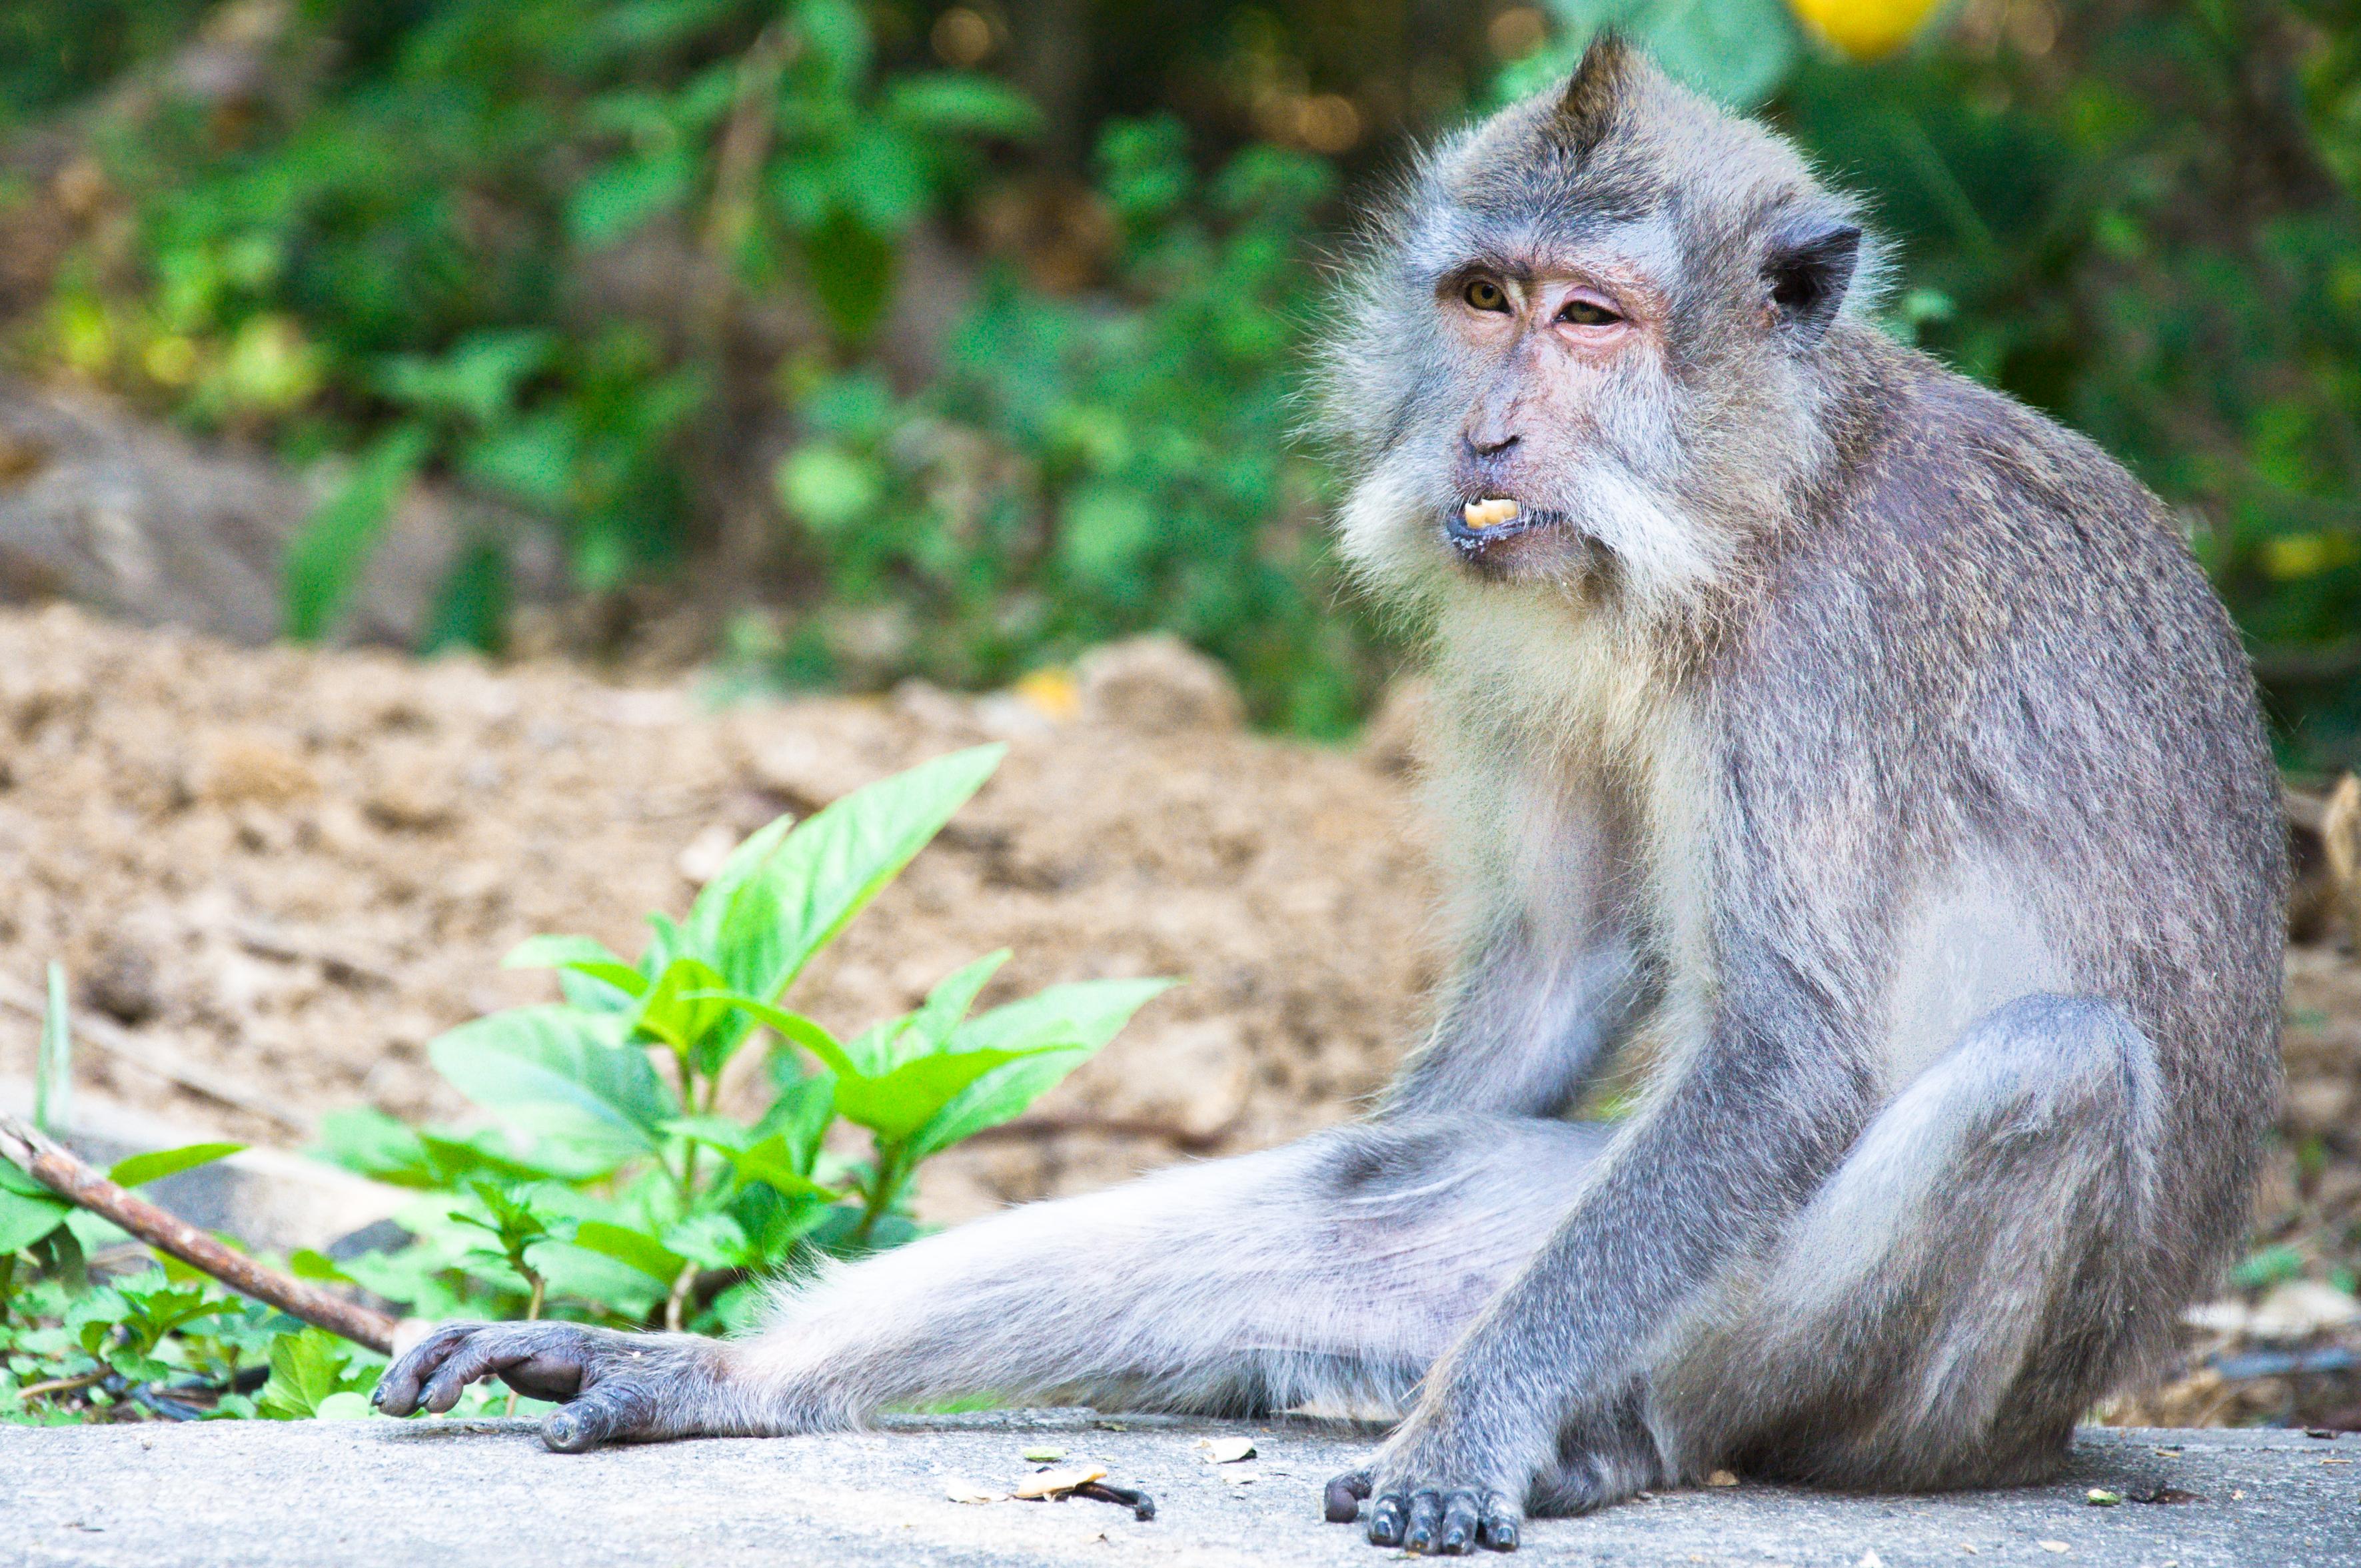 Monkey photo